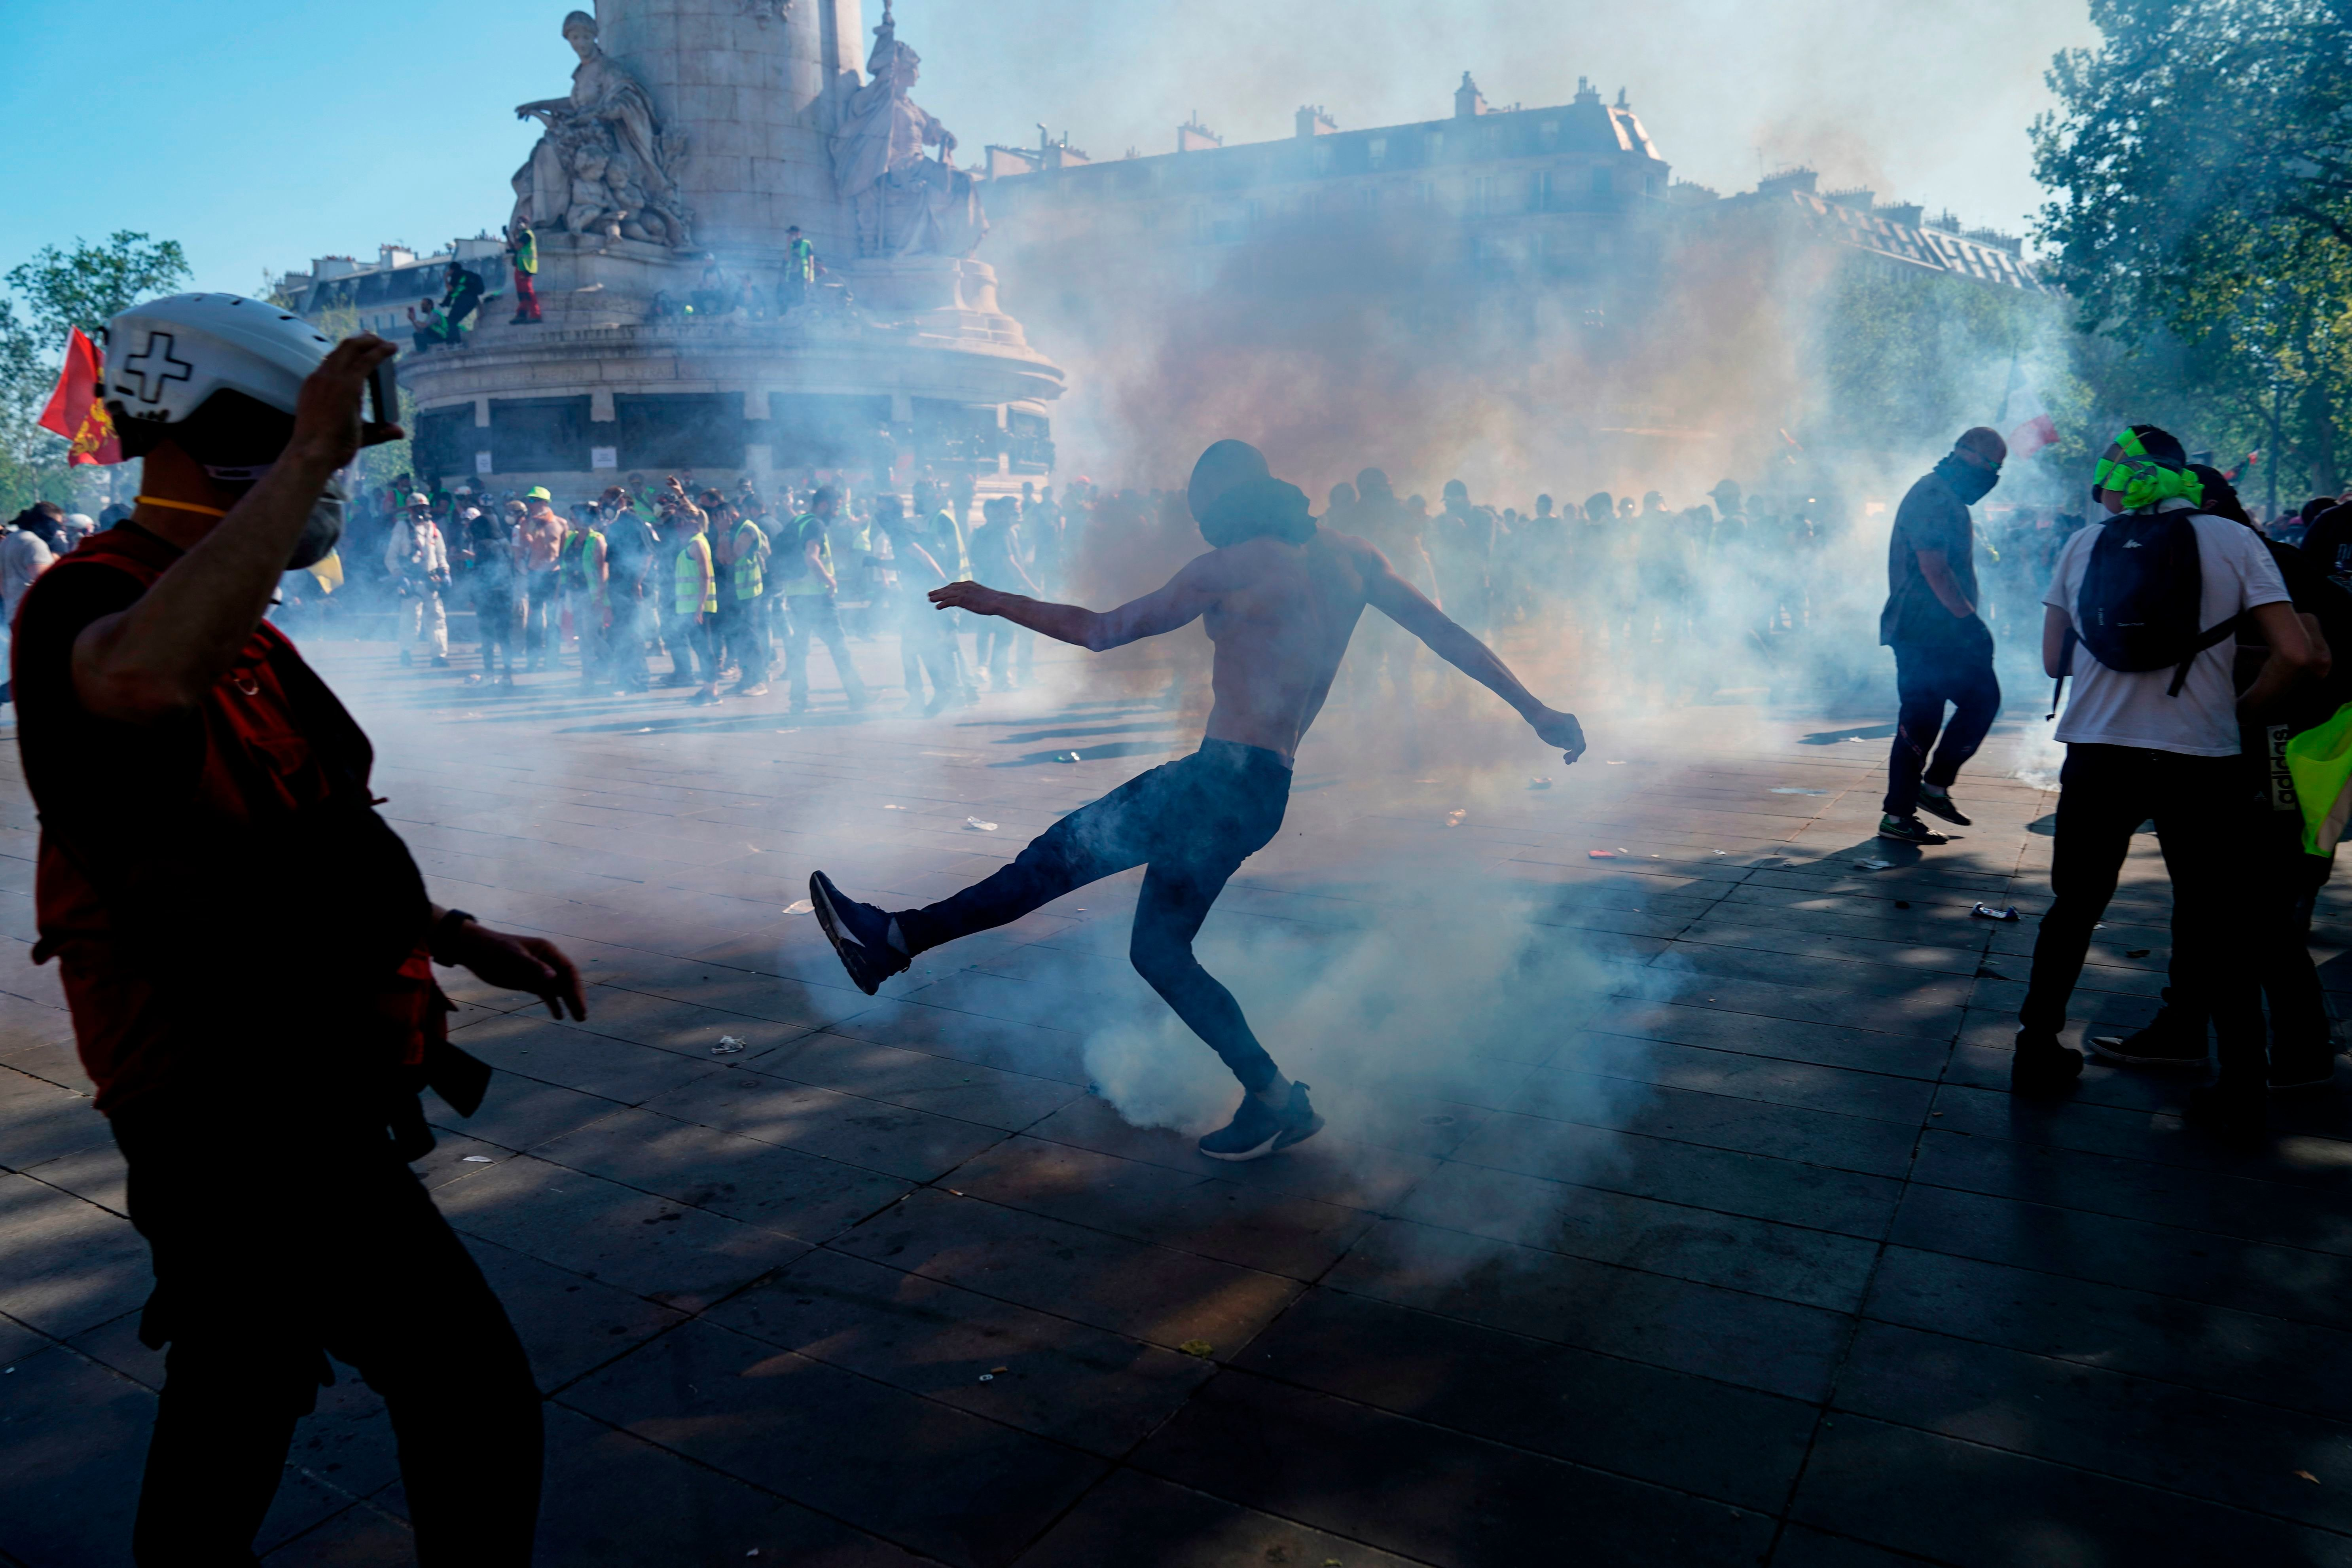 Mobilisation en baisse en France pour l'acte XXIII, mais en hausse à Paris avec un regain de